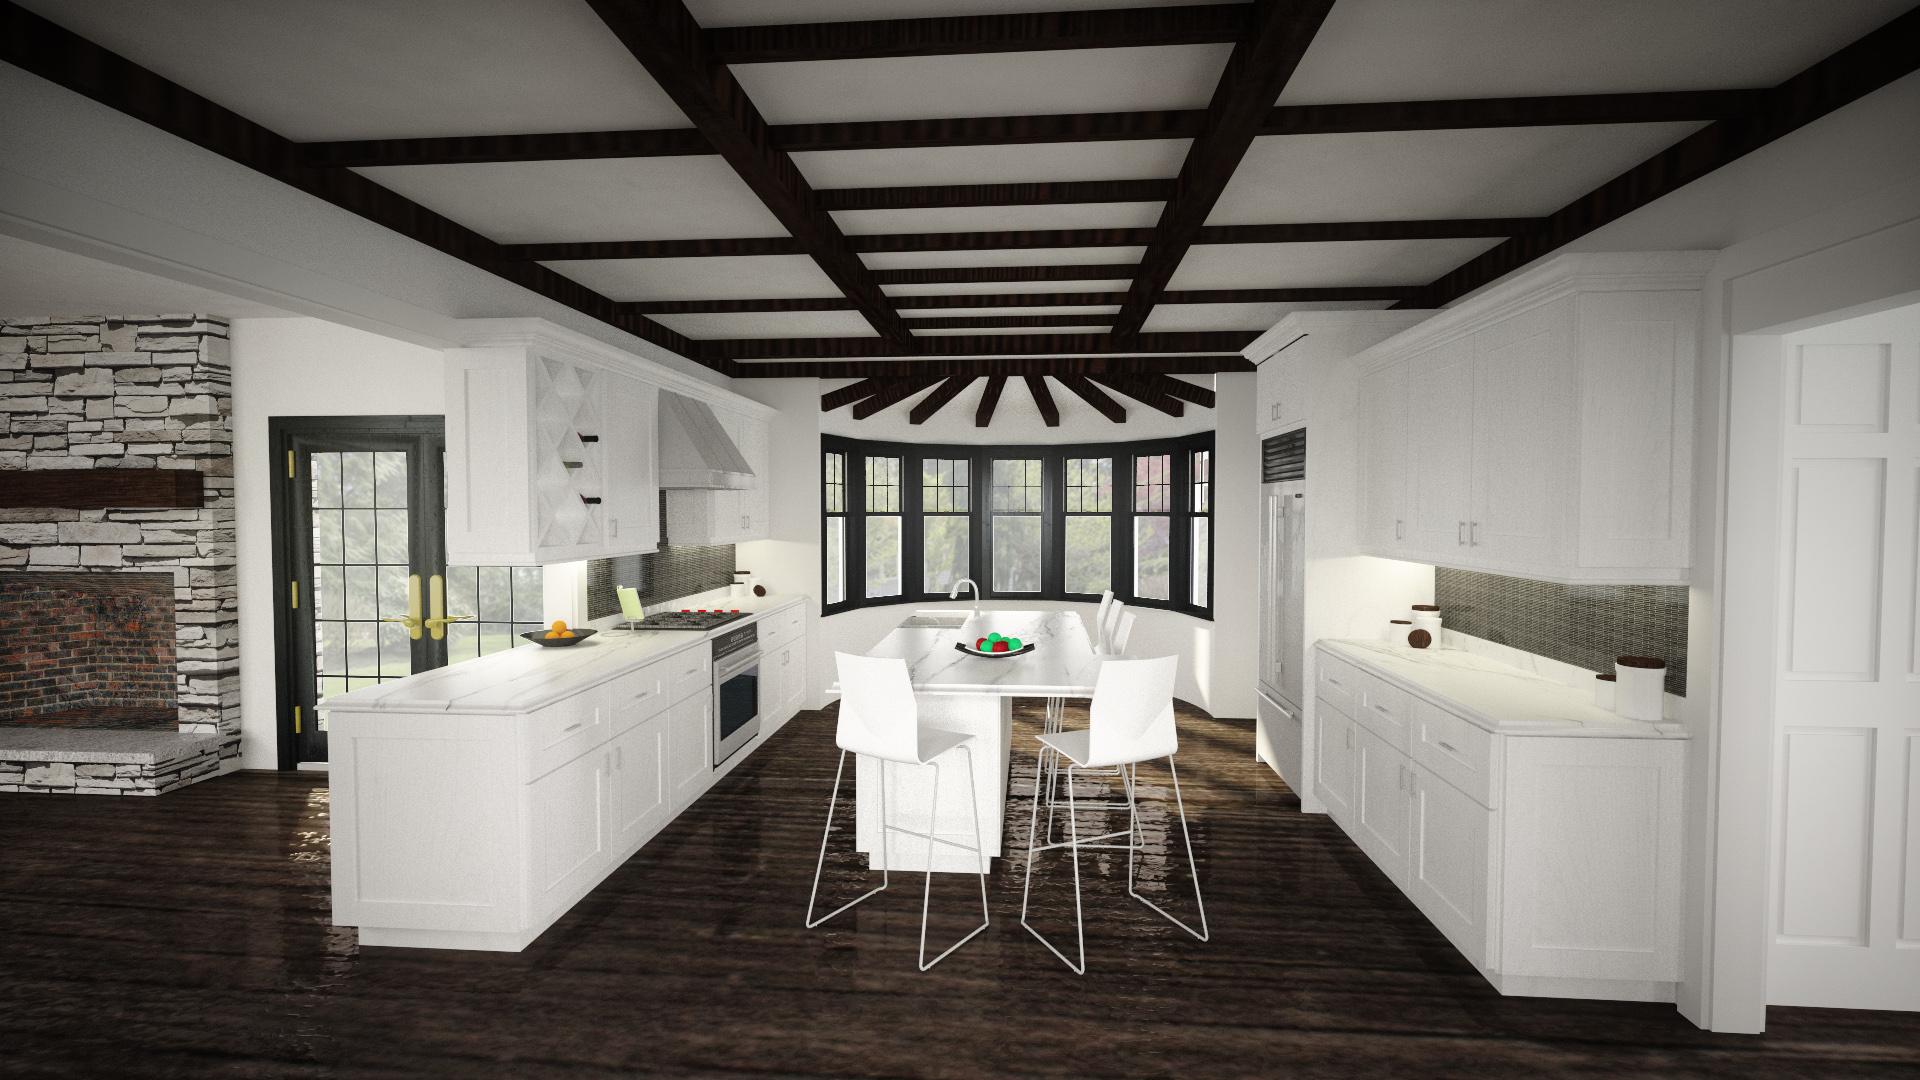 Kitchen_Image.jpg